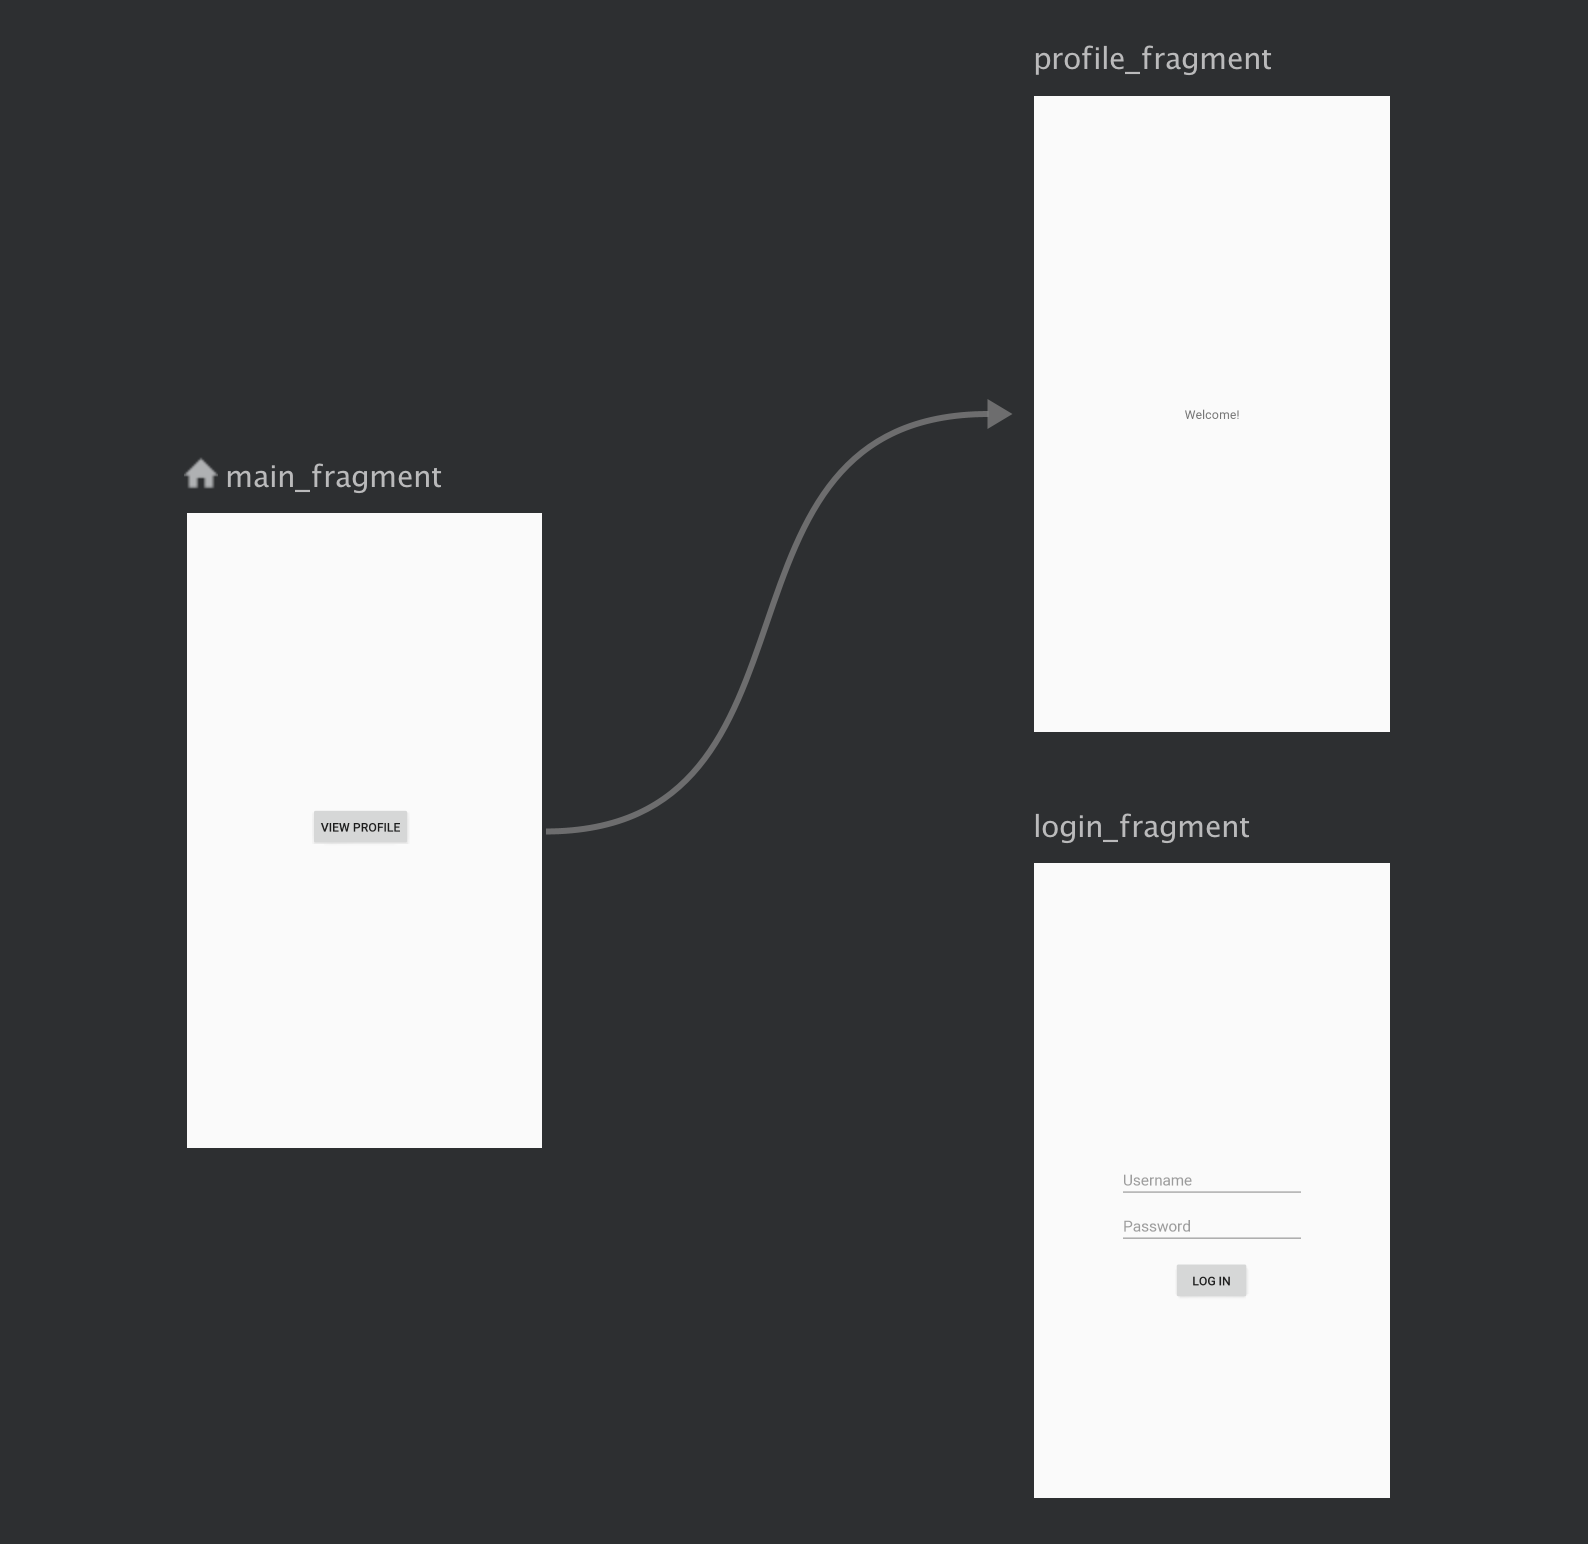 로그인 흐름은 앱의 기본 탐색 흐름과 별도로 처리됩니다.